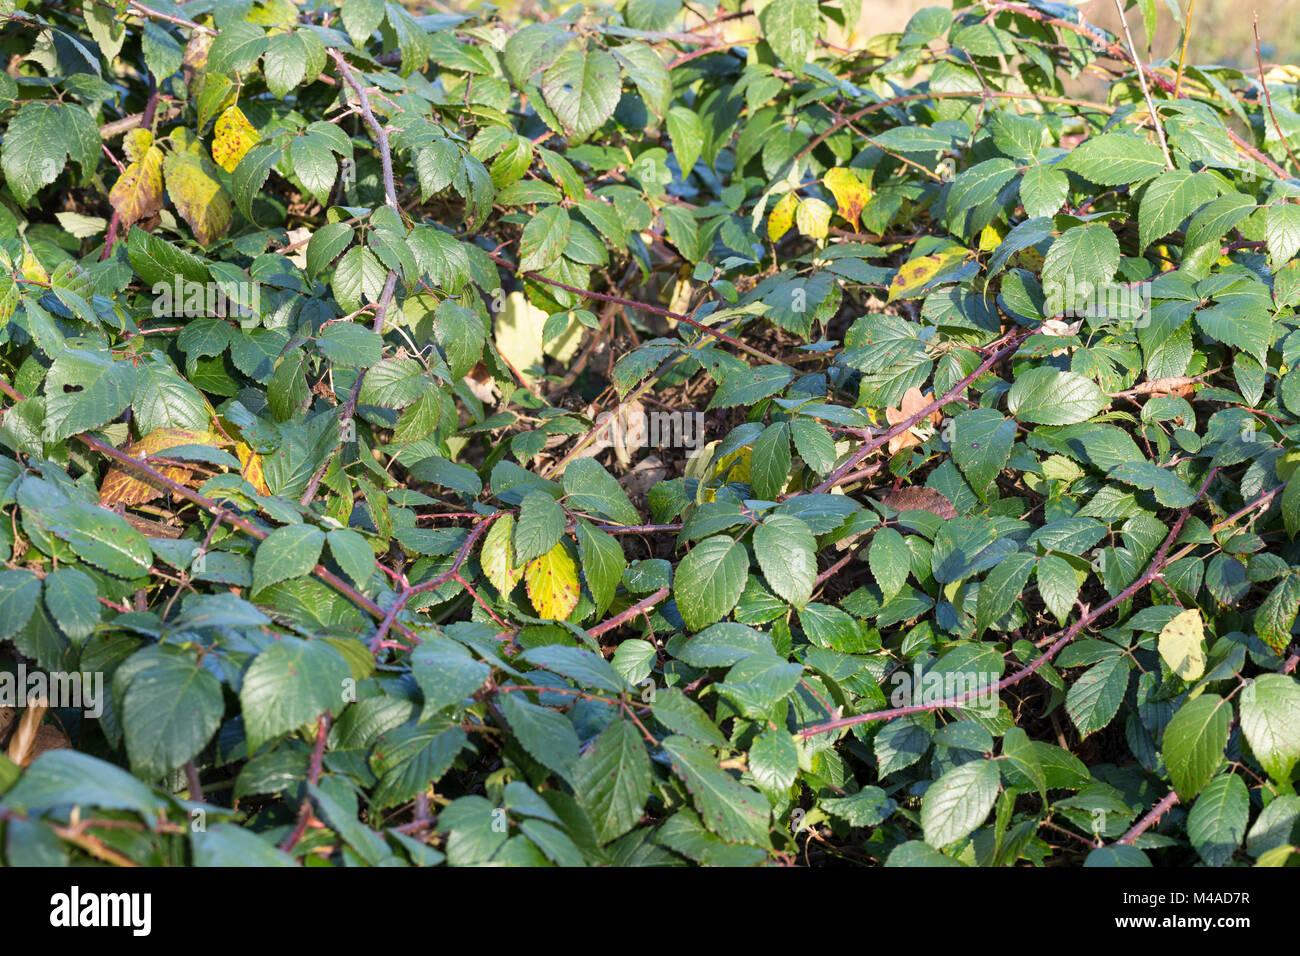 Brombeere, Echte Brombeere, Ranke, Ranken, rankend, Brombeerranke, Brombeerranken, Rubus fruticosus agg., Rubus Stock Photo